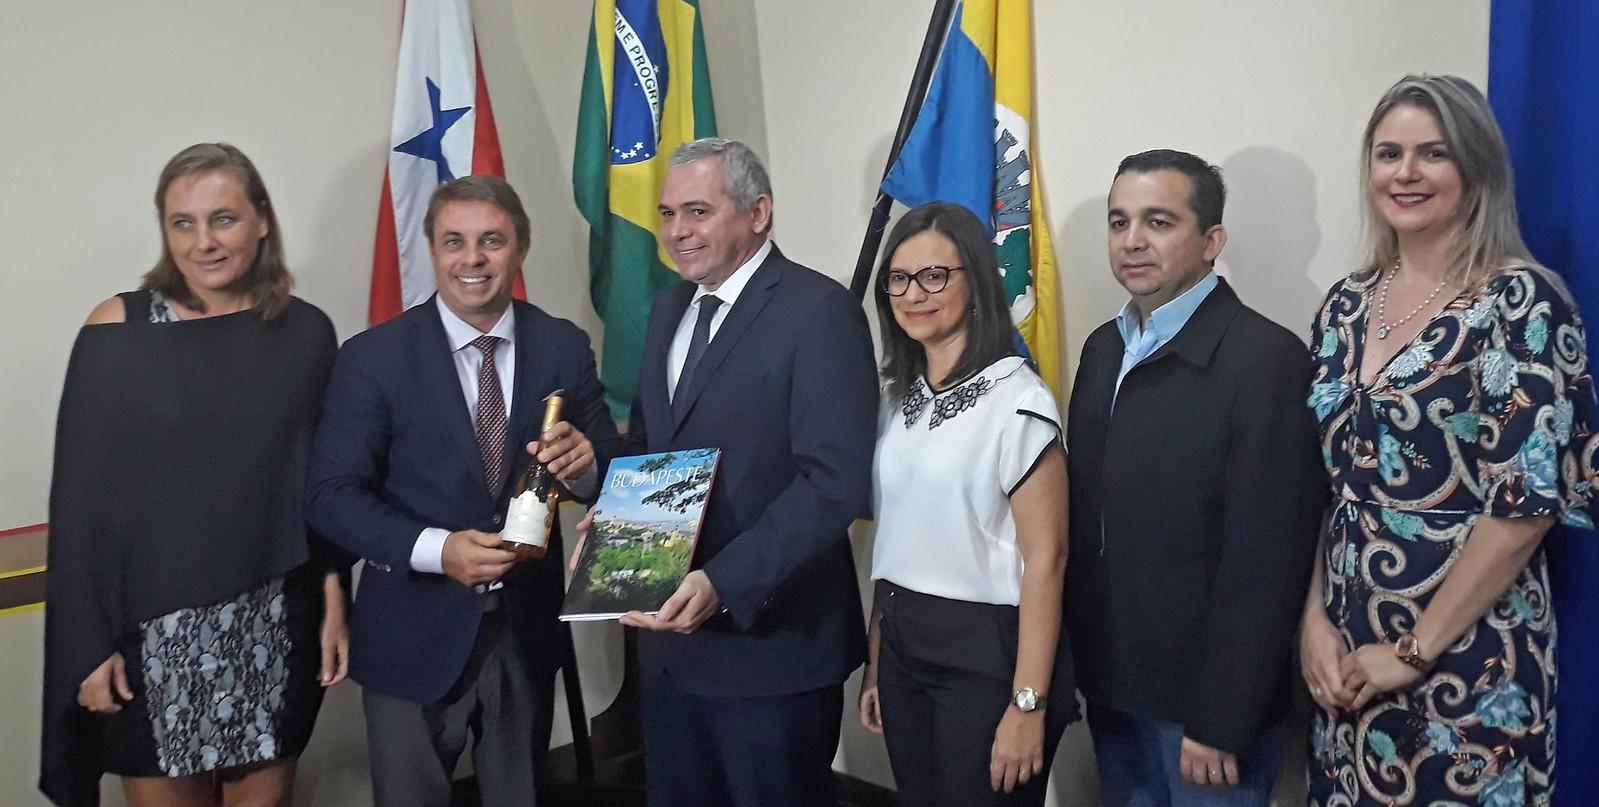 Hungria tem interesse em investir em Santarém, afirma embaixador húngaro, Embaixador da Hungria em Santarém